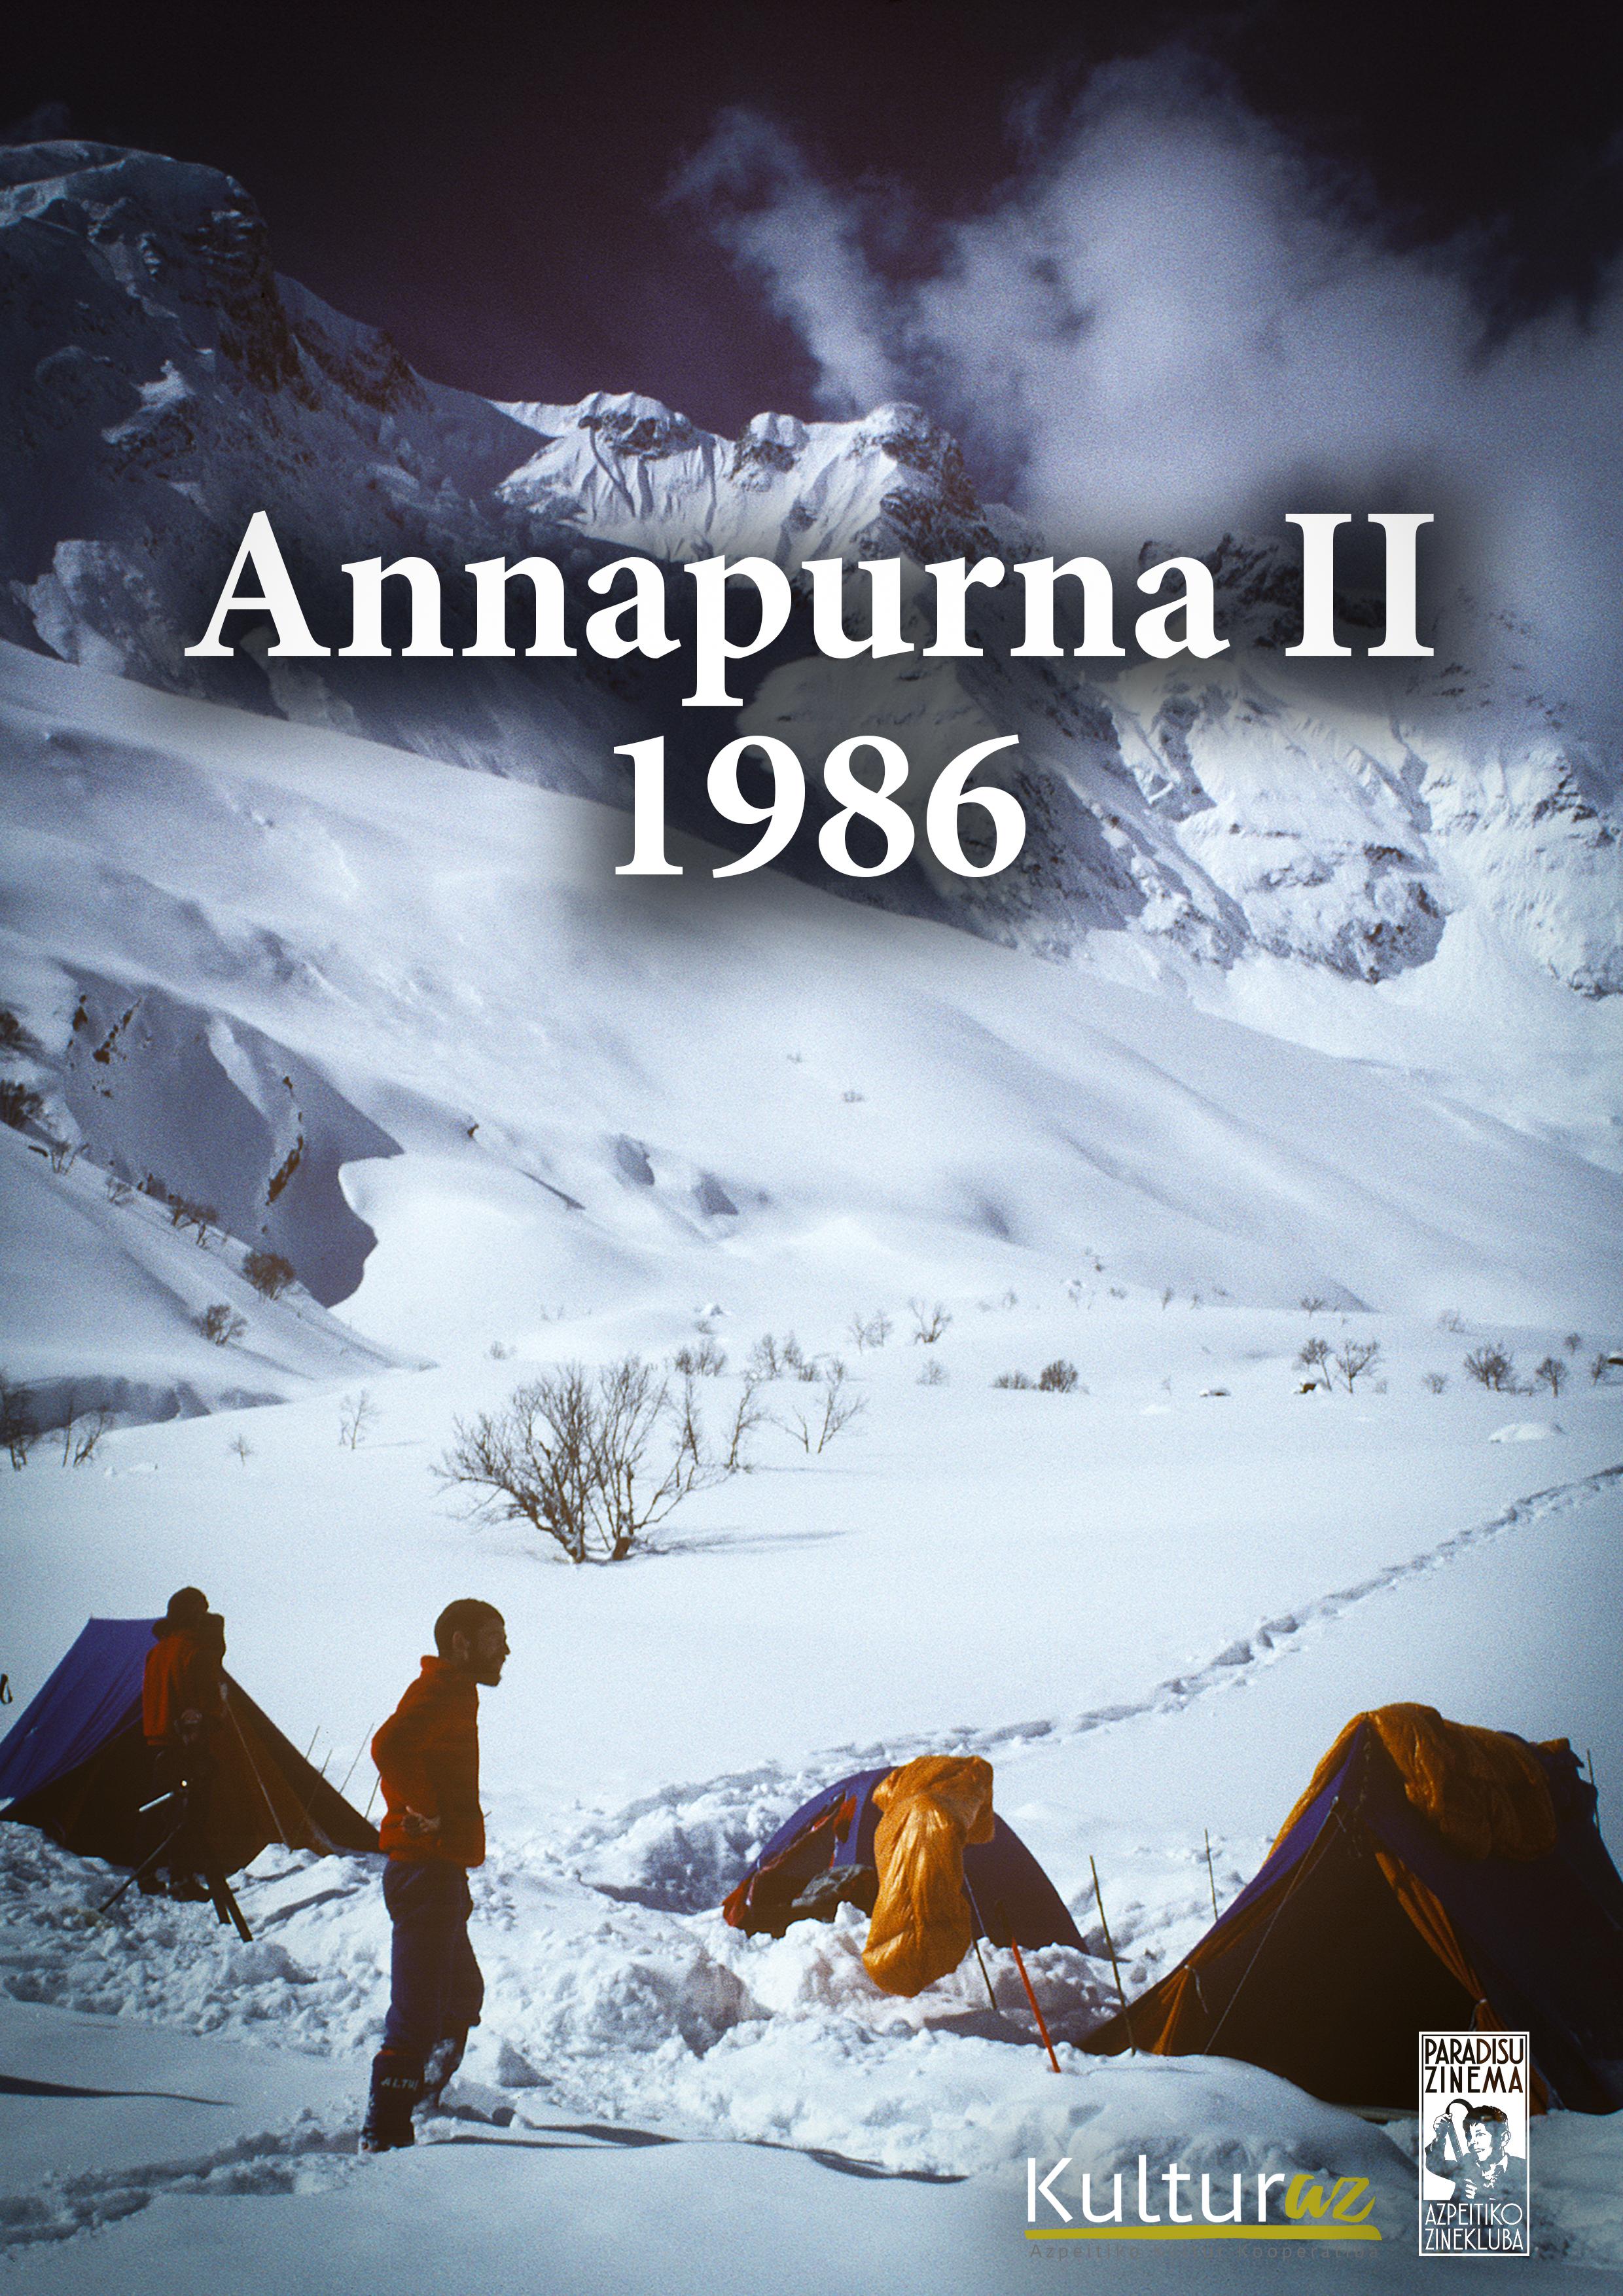 Annapurna II 1986